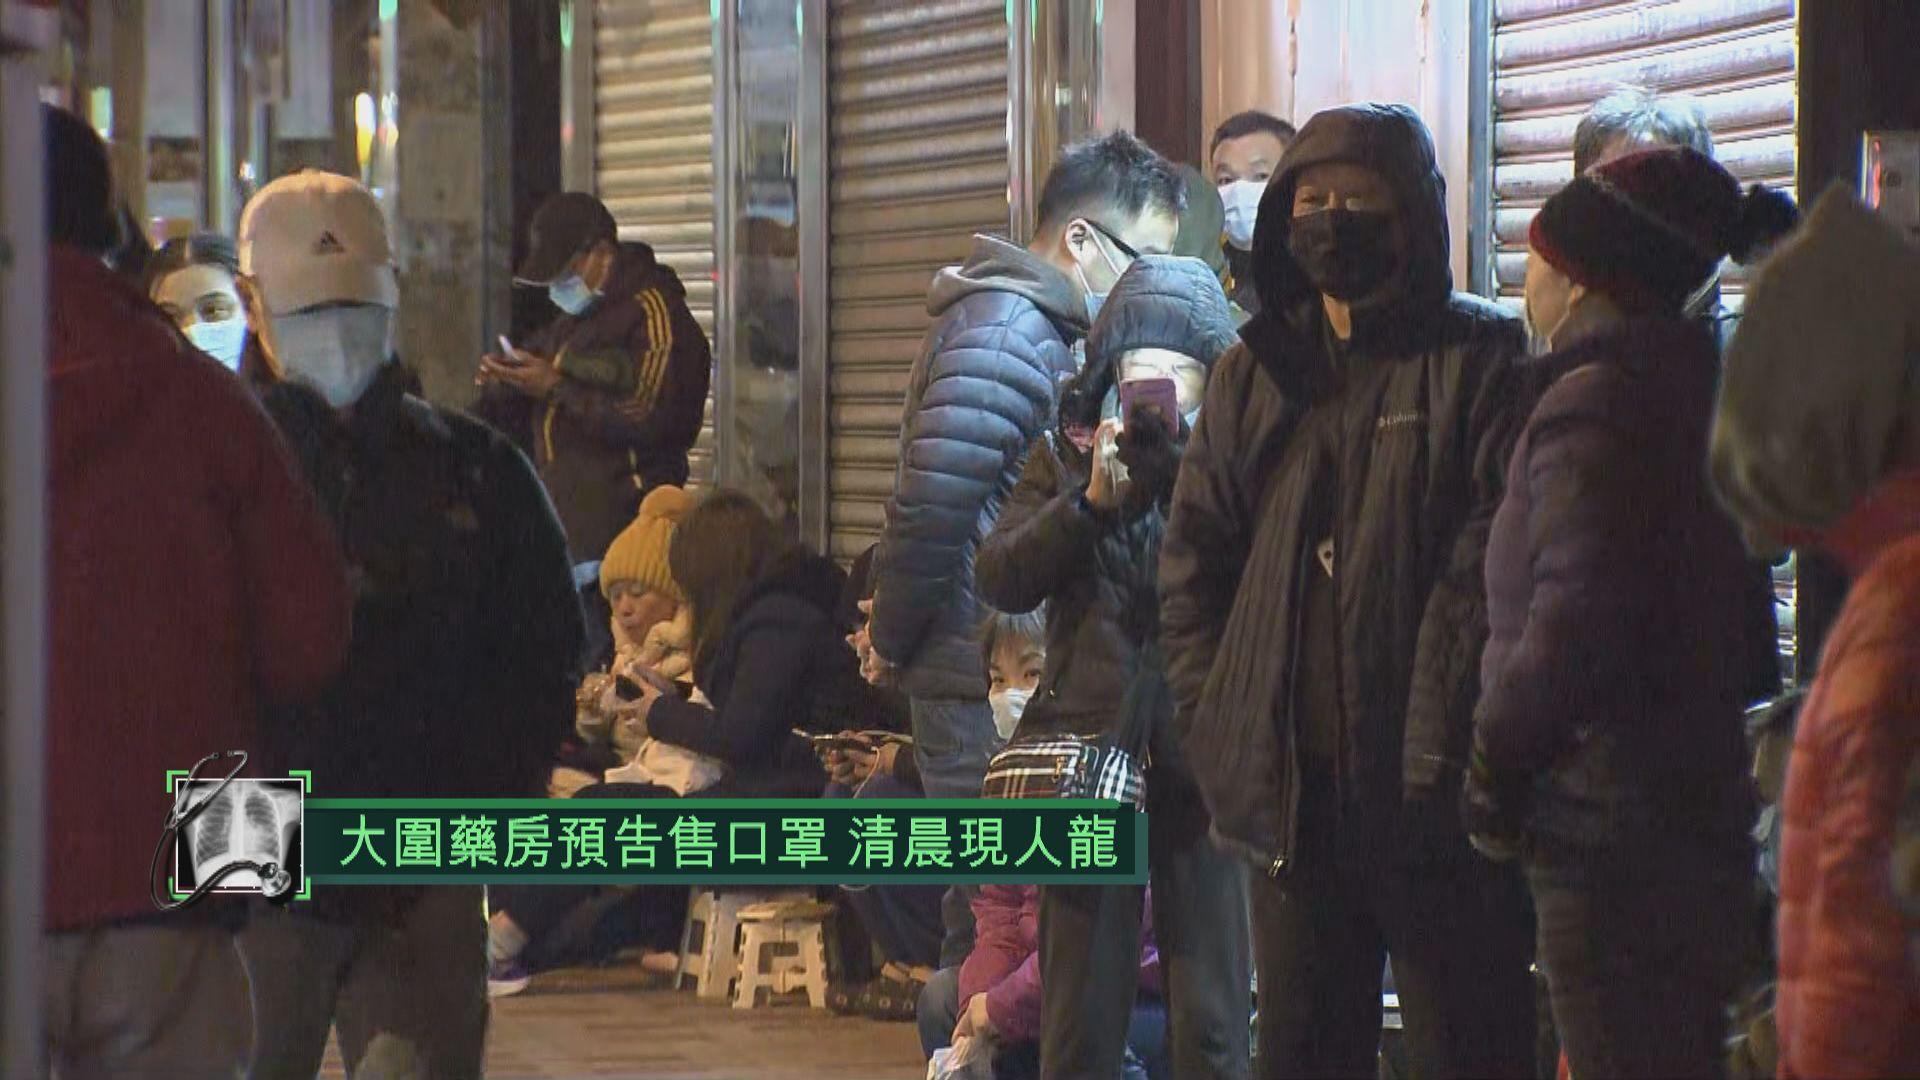 大圍有藥房出售口罩 有市民凌晨排隊